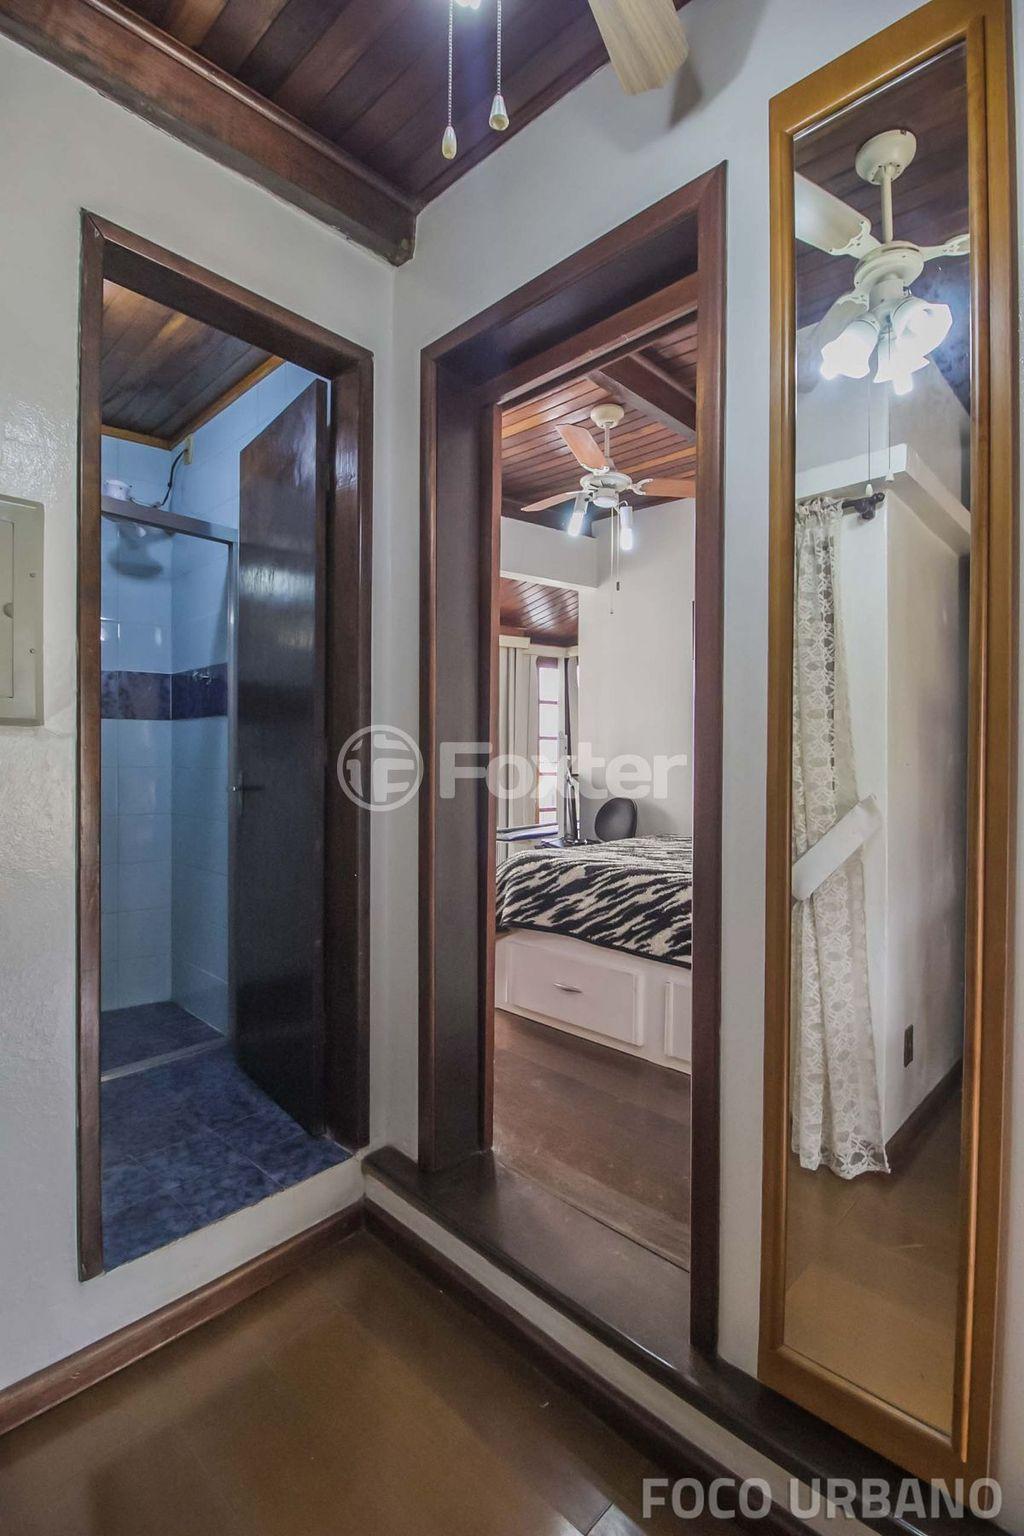 Cobertura 4 Dorm, Petrópolis, Porto Alegre (140158) - Foto 34